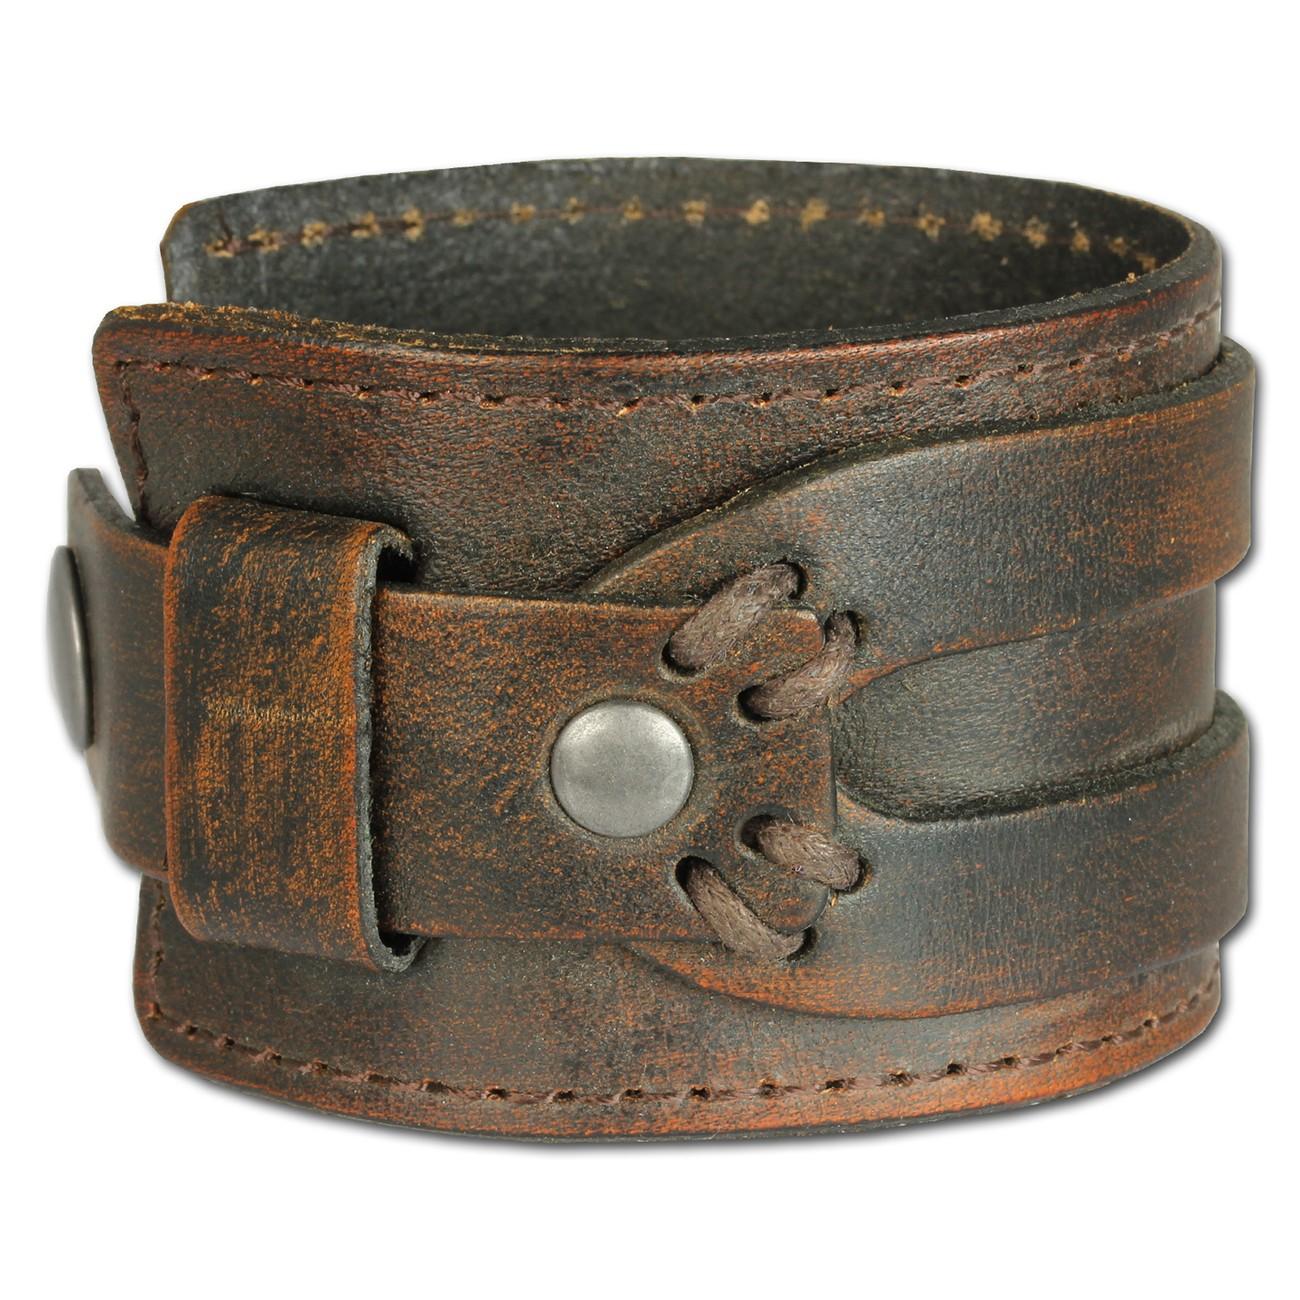 SilberDream Lederarmband Antik in braun, Herren Leder Armband LA4293B